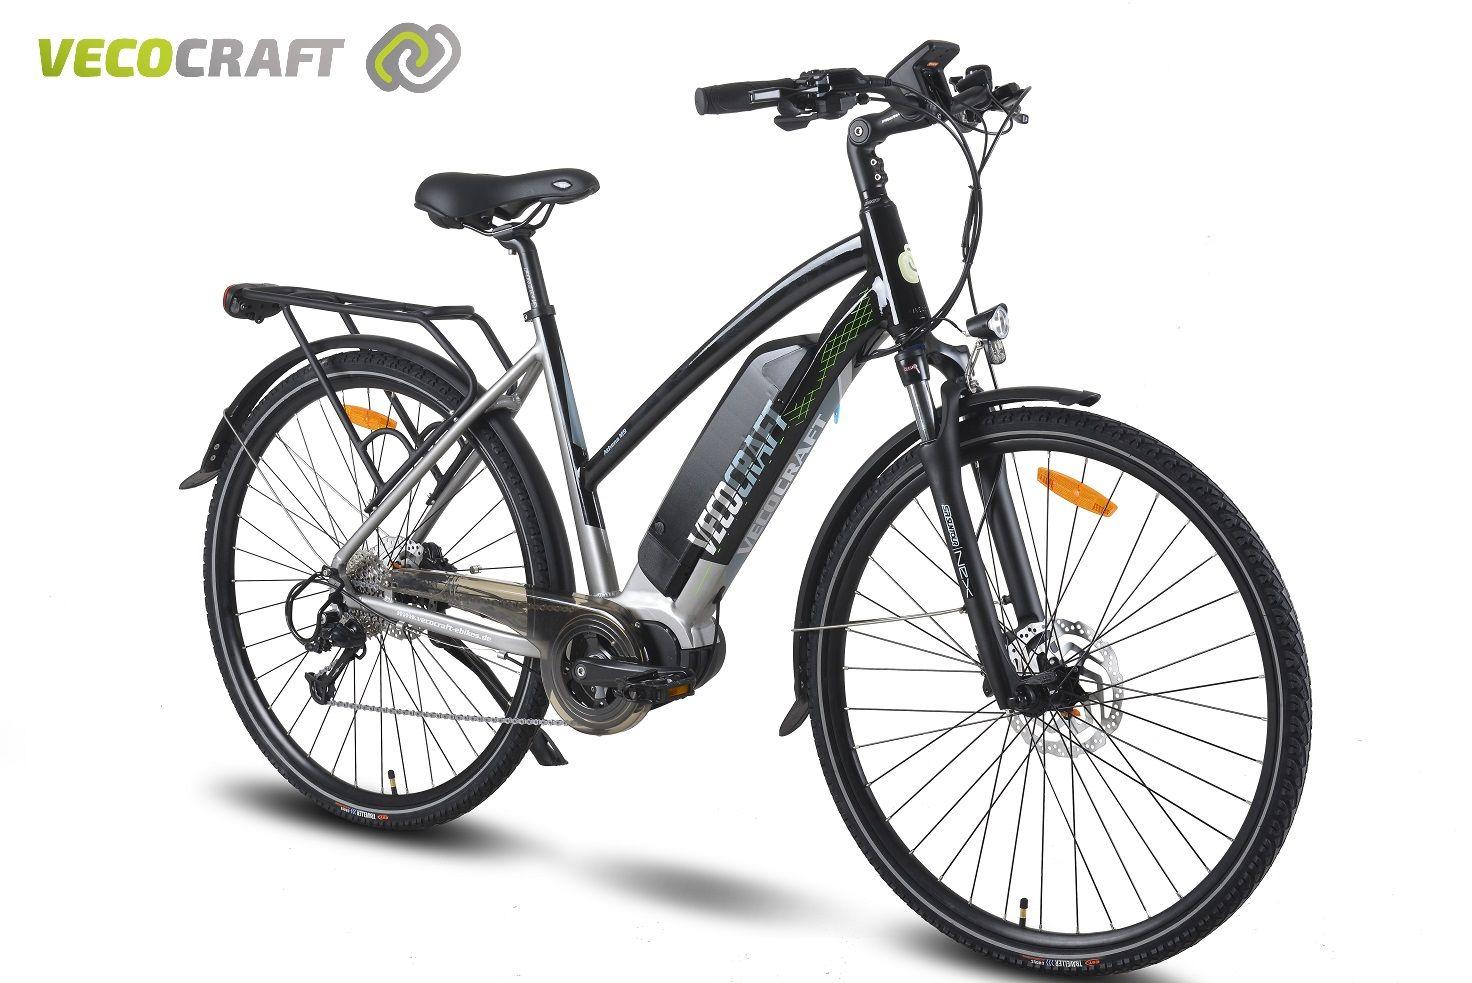 Mit Dem Athena M9 Entscheiden Sie Sich Fur Ein Klassisches Citybike Das Ihnen Jede Fahrt Mit Seinem Mittelmotor Erleichtern Mochte Das S Fahrrad Fahren Motor